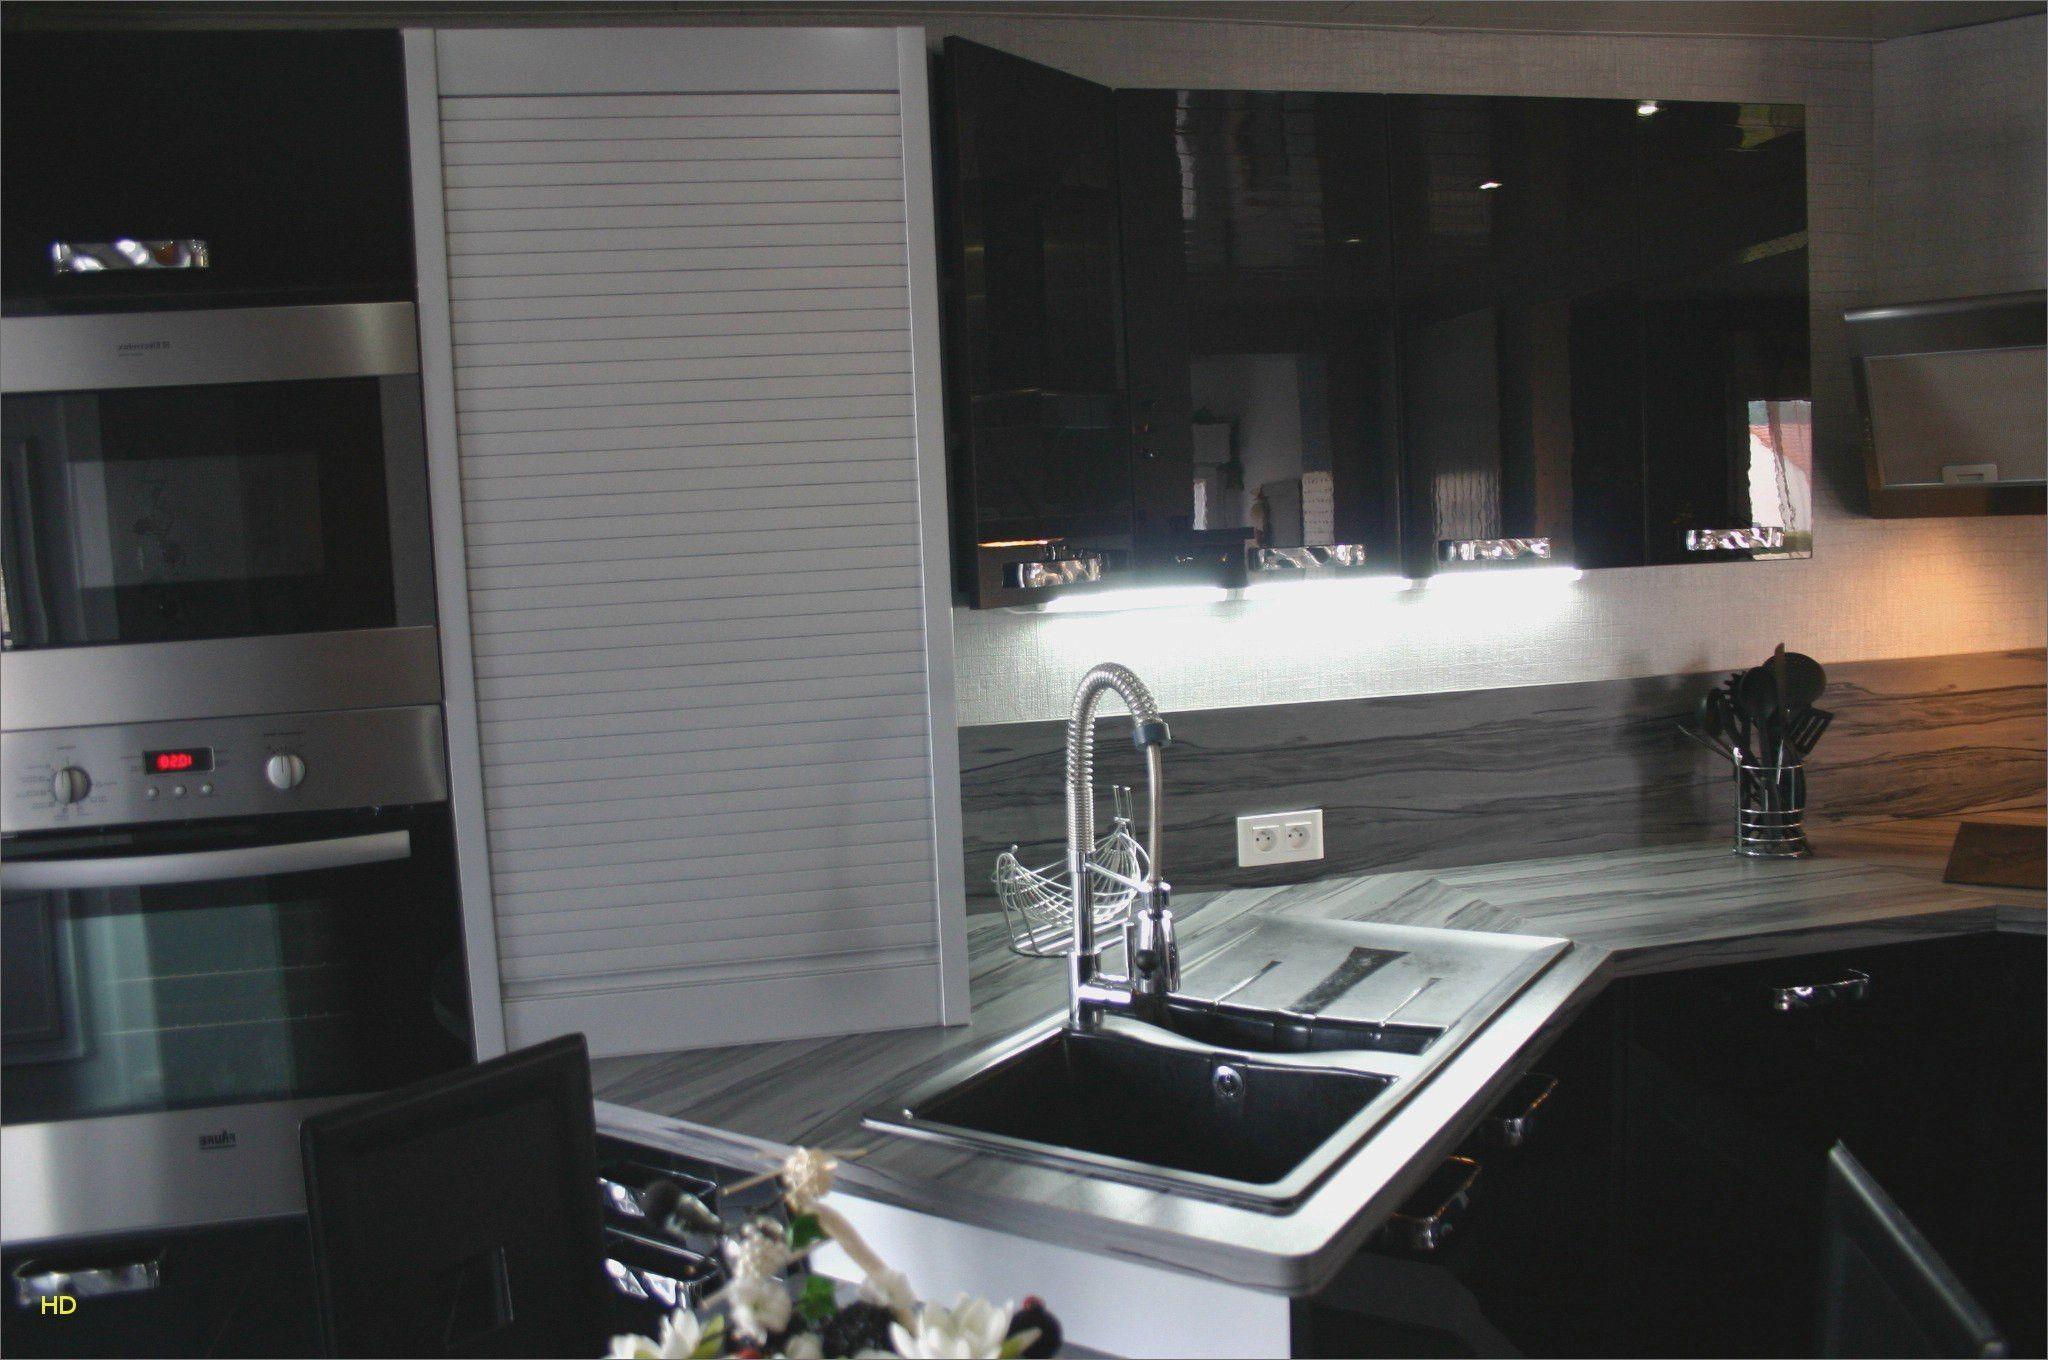 Unique Fixation Meuble Haut Cuisine Ikea Placo Idees Inspirantes Fixation Meuble Haut Cuisine Meuble Haut Cuisine Meuble Haut Cuisine Ikea